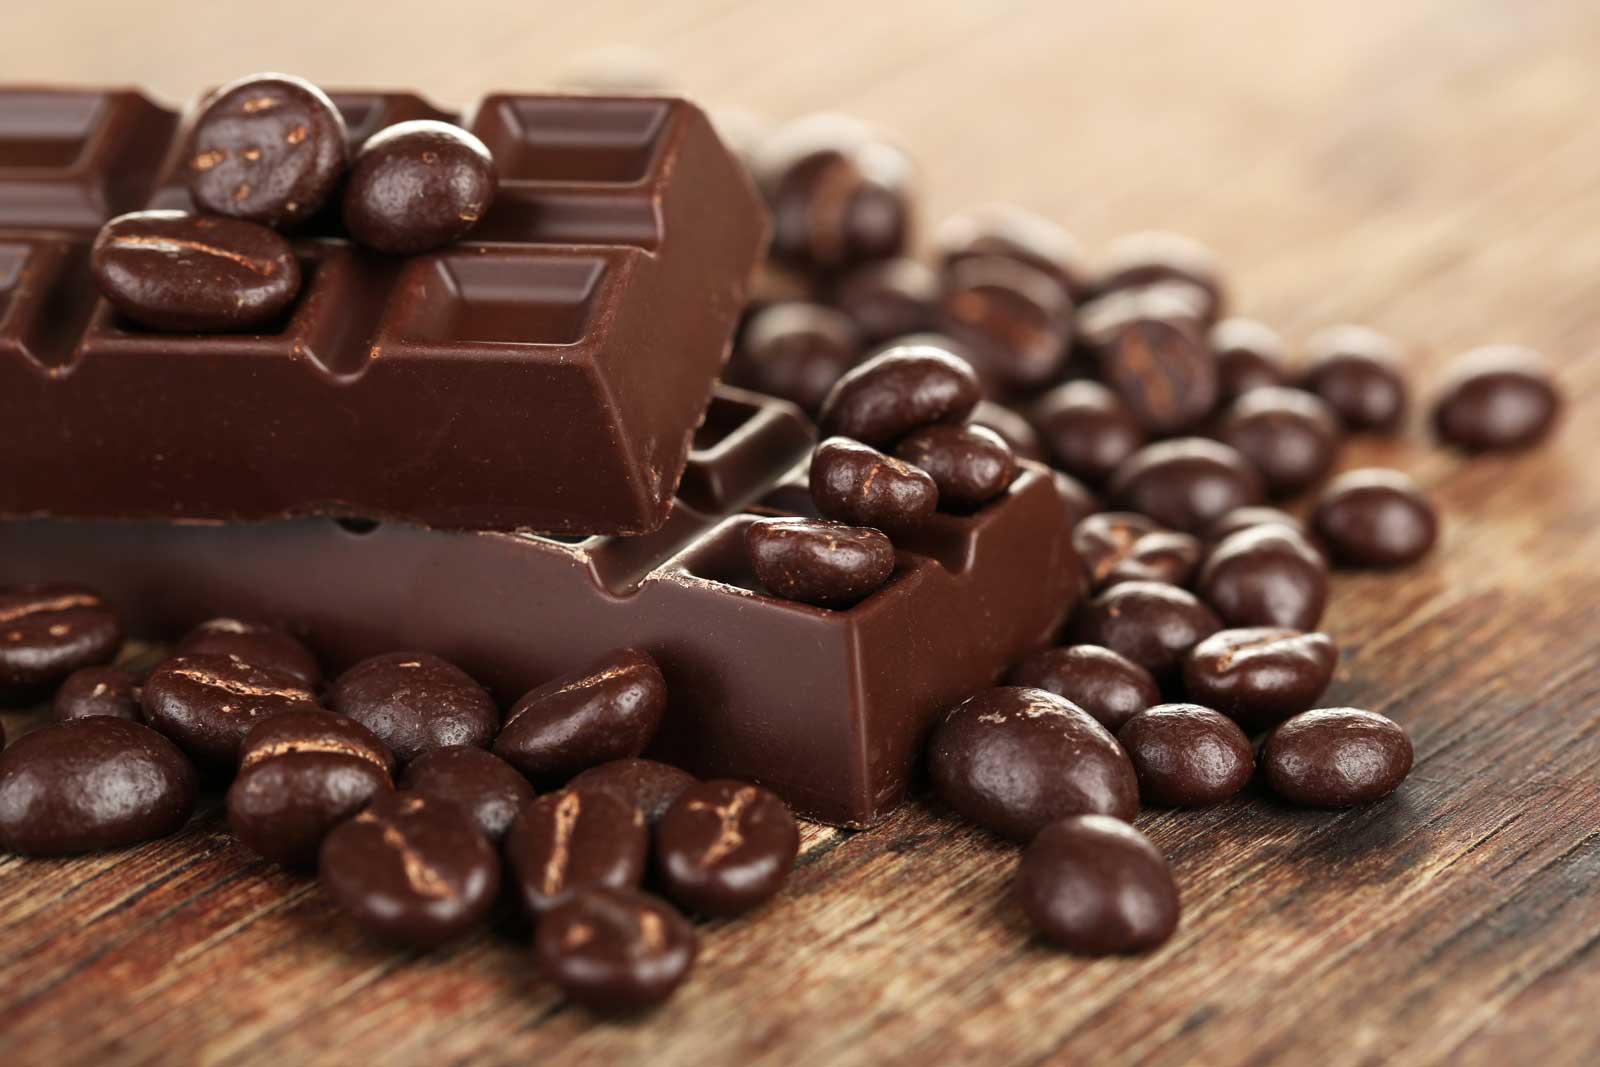 خواص بی نظیر شکلات تلخ در کاهش استرس